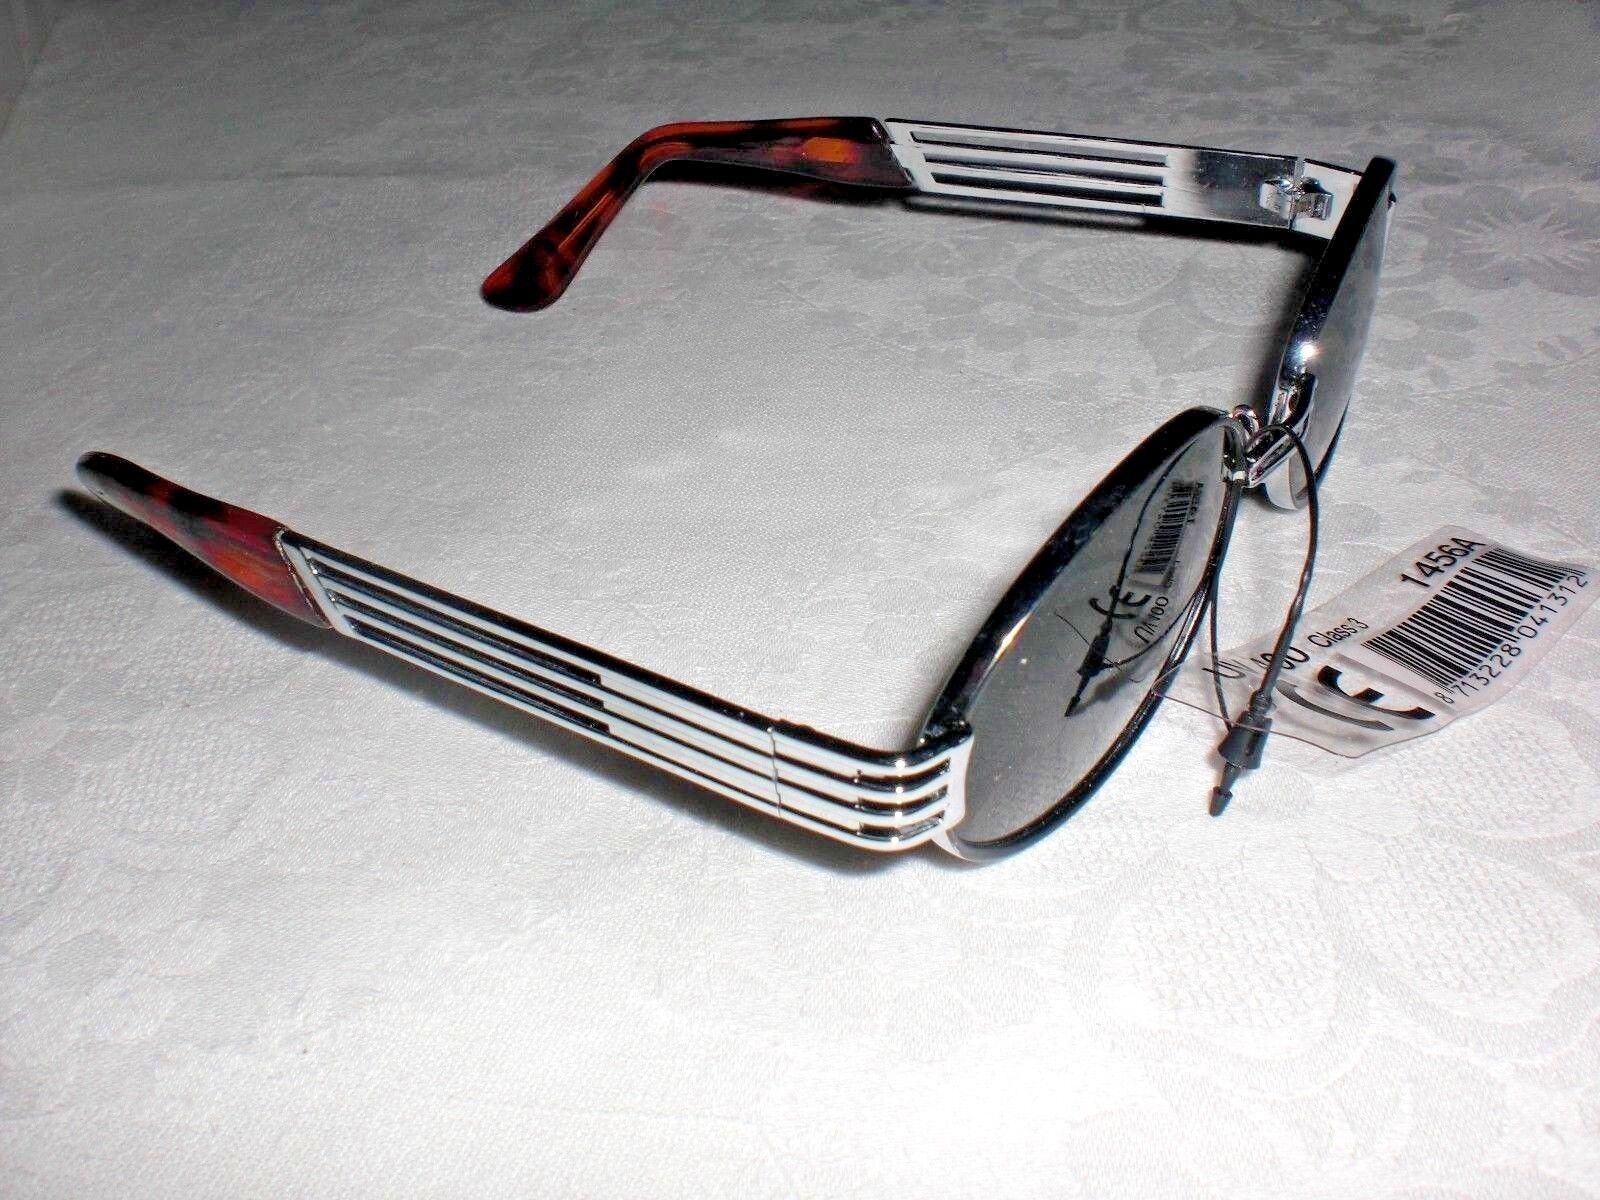 Sonnenbrille Silberfarbiger  Metallrahmen, breite Bügel, graue Gläser (dunkel)